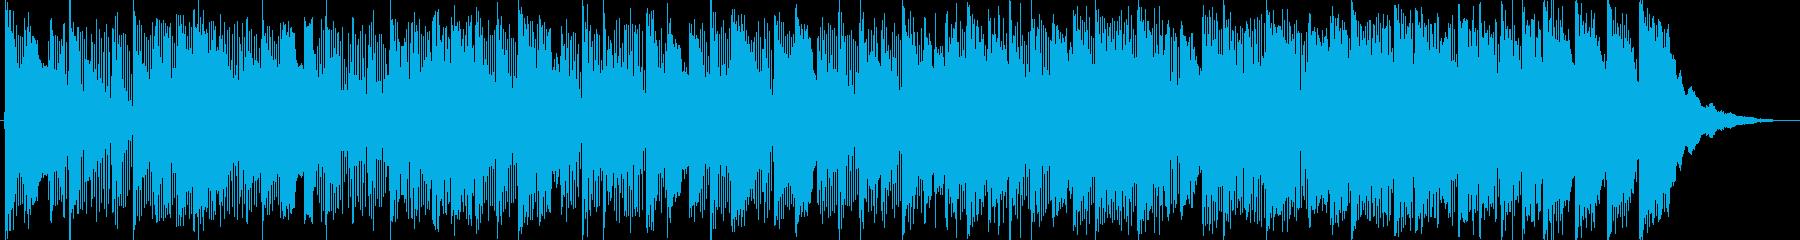 ミニゲームっぽい和風&中華風BGMの再生済みの波形